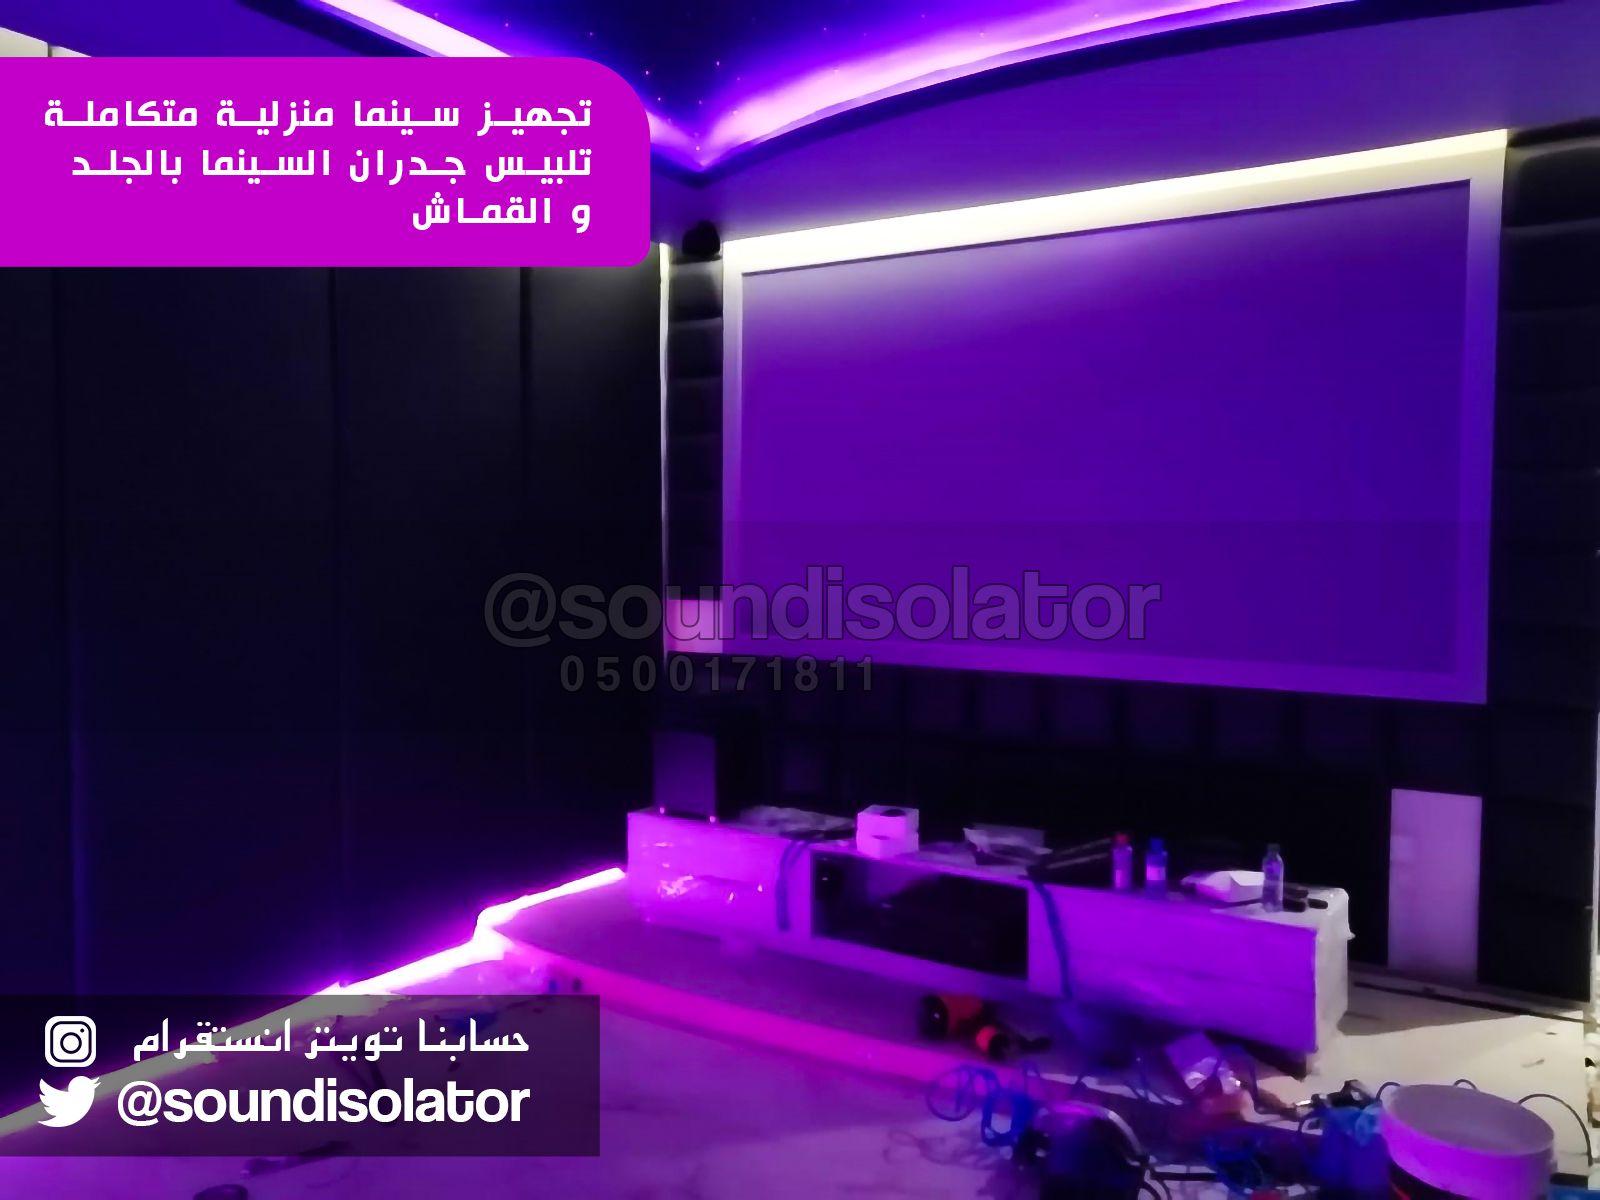 تجهيز سينما منزلية متكاملة الرياض Talk Show Concert Scenes